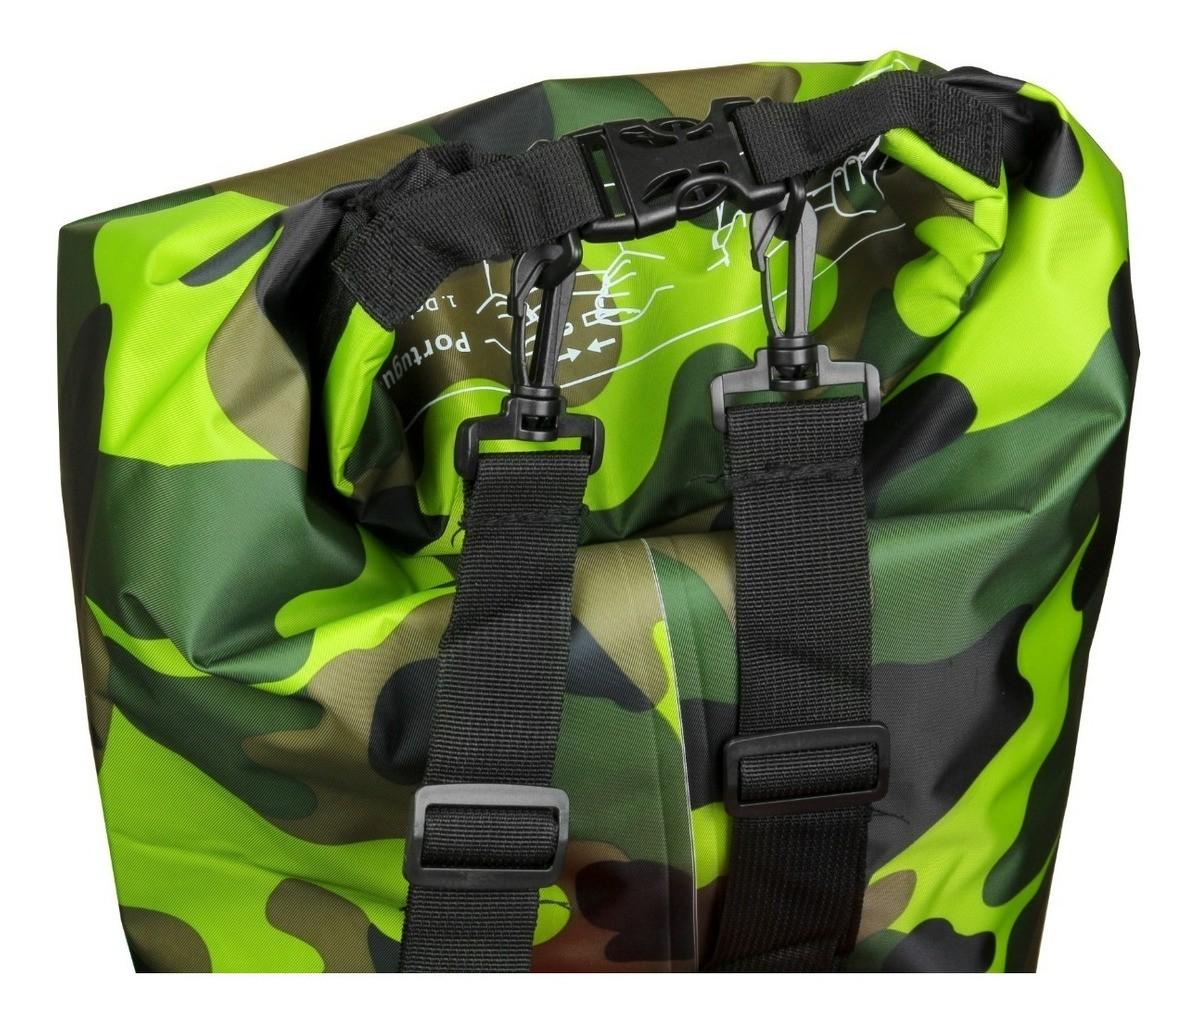 Bolsa Estanque Impermeável Albatroz Fishing Camp Bag Camuflada Verde 30 Litros